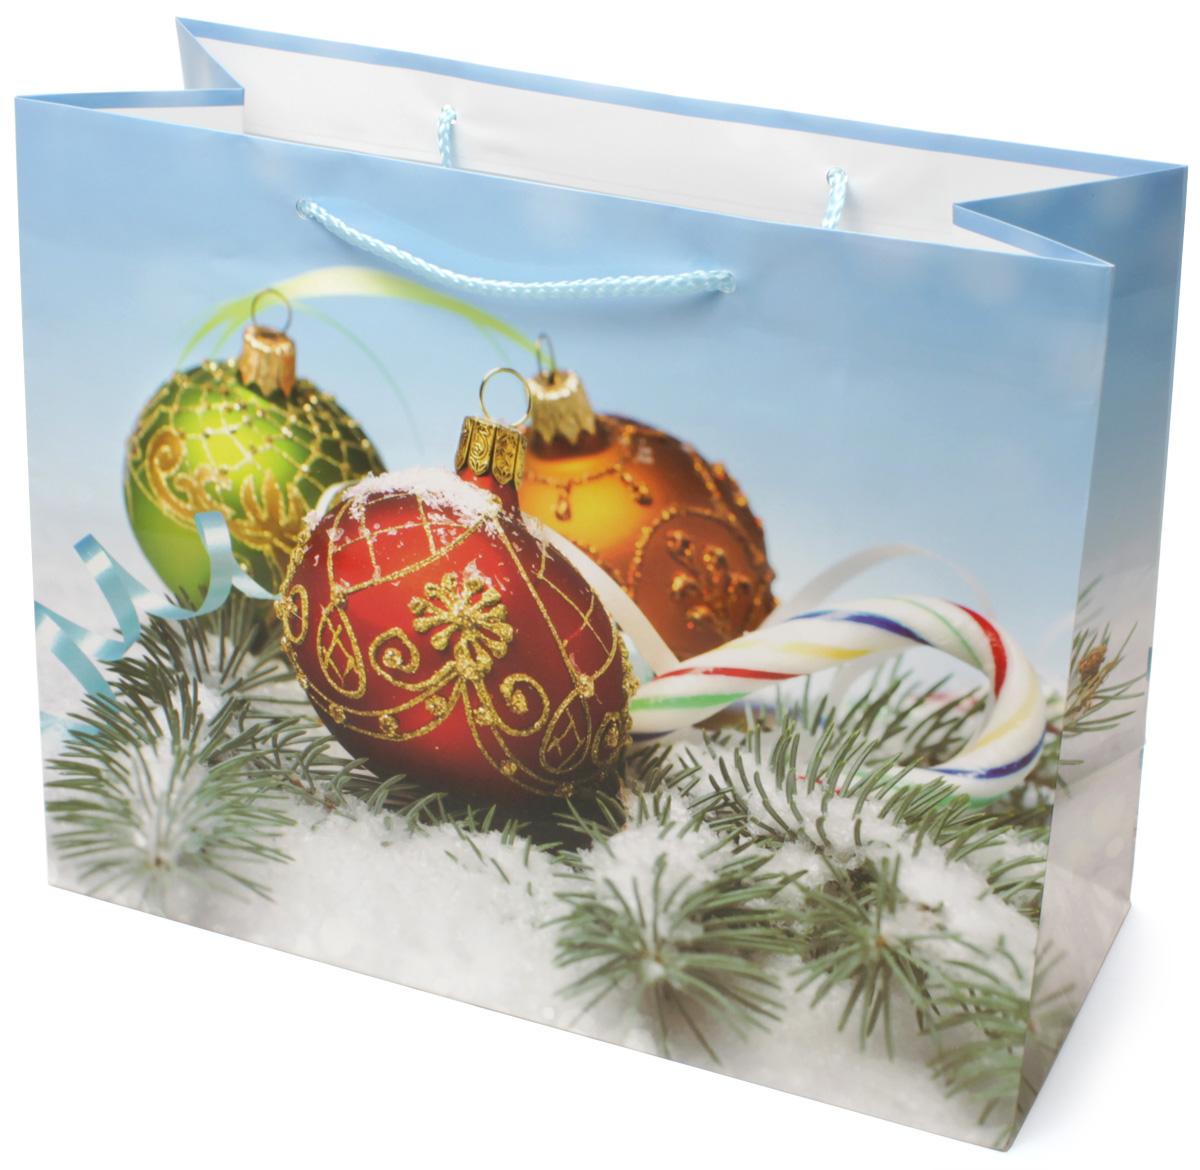 Пакет подарочный МегаМАГ Новый год, 32,7 х 26,4 х 13,6 см. 852 LH852 LHПодарочный пакет МегаМАГ, изготовленный из плотной ламинированной бумаги, станет незаменимым дополнением к выбранному подарку. Для удобной переноски на пакете имеются две ручки-шнурки. Подарок, преподнесенный в оригинальной упаковке, всегда будет самымэффектным и запоминающимся. Окружите близких людей вниманием и заботой, вручив презент в нарядном, праздничном оформлении.